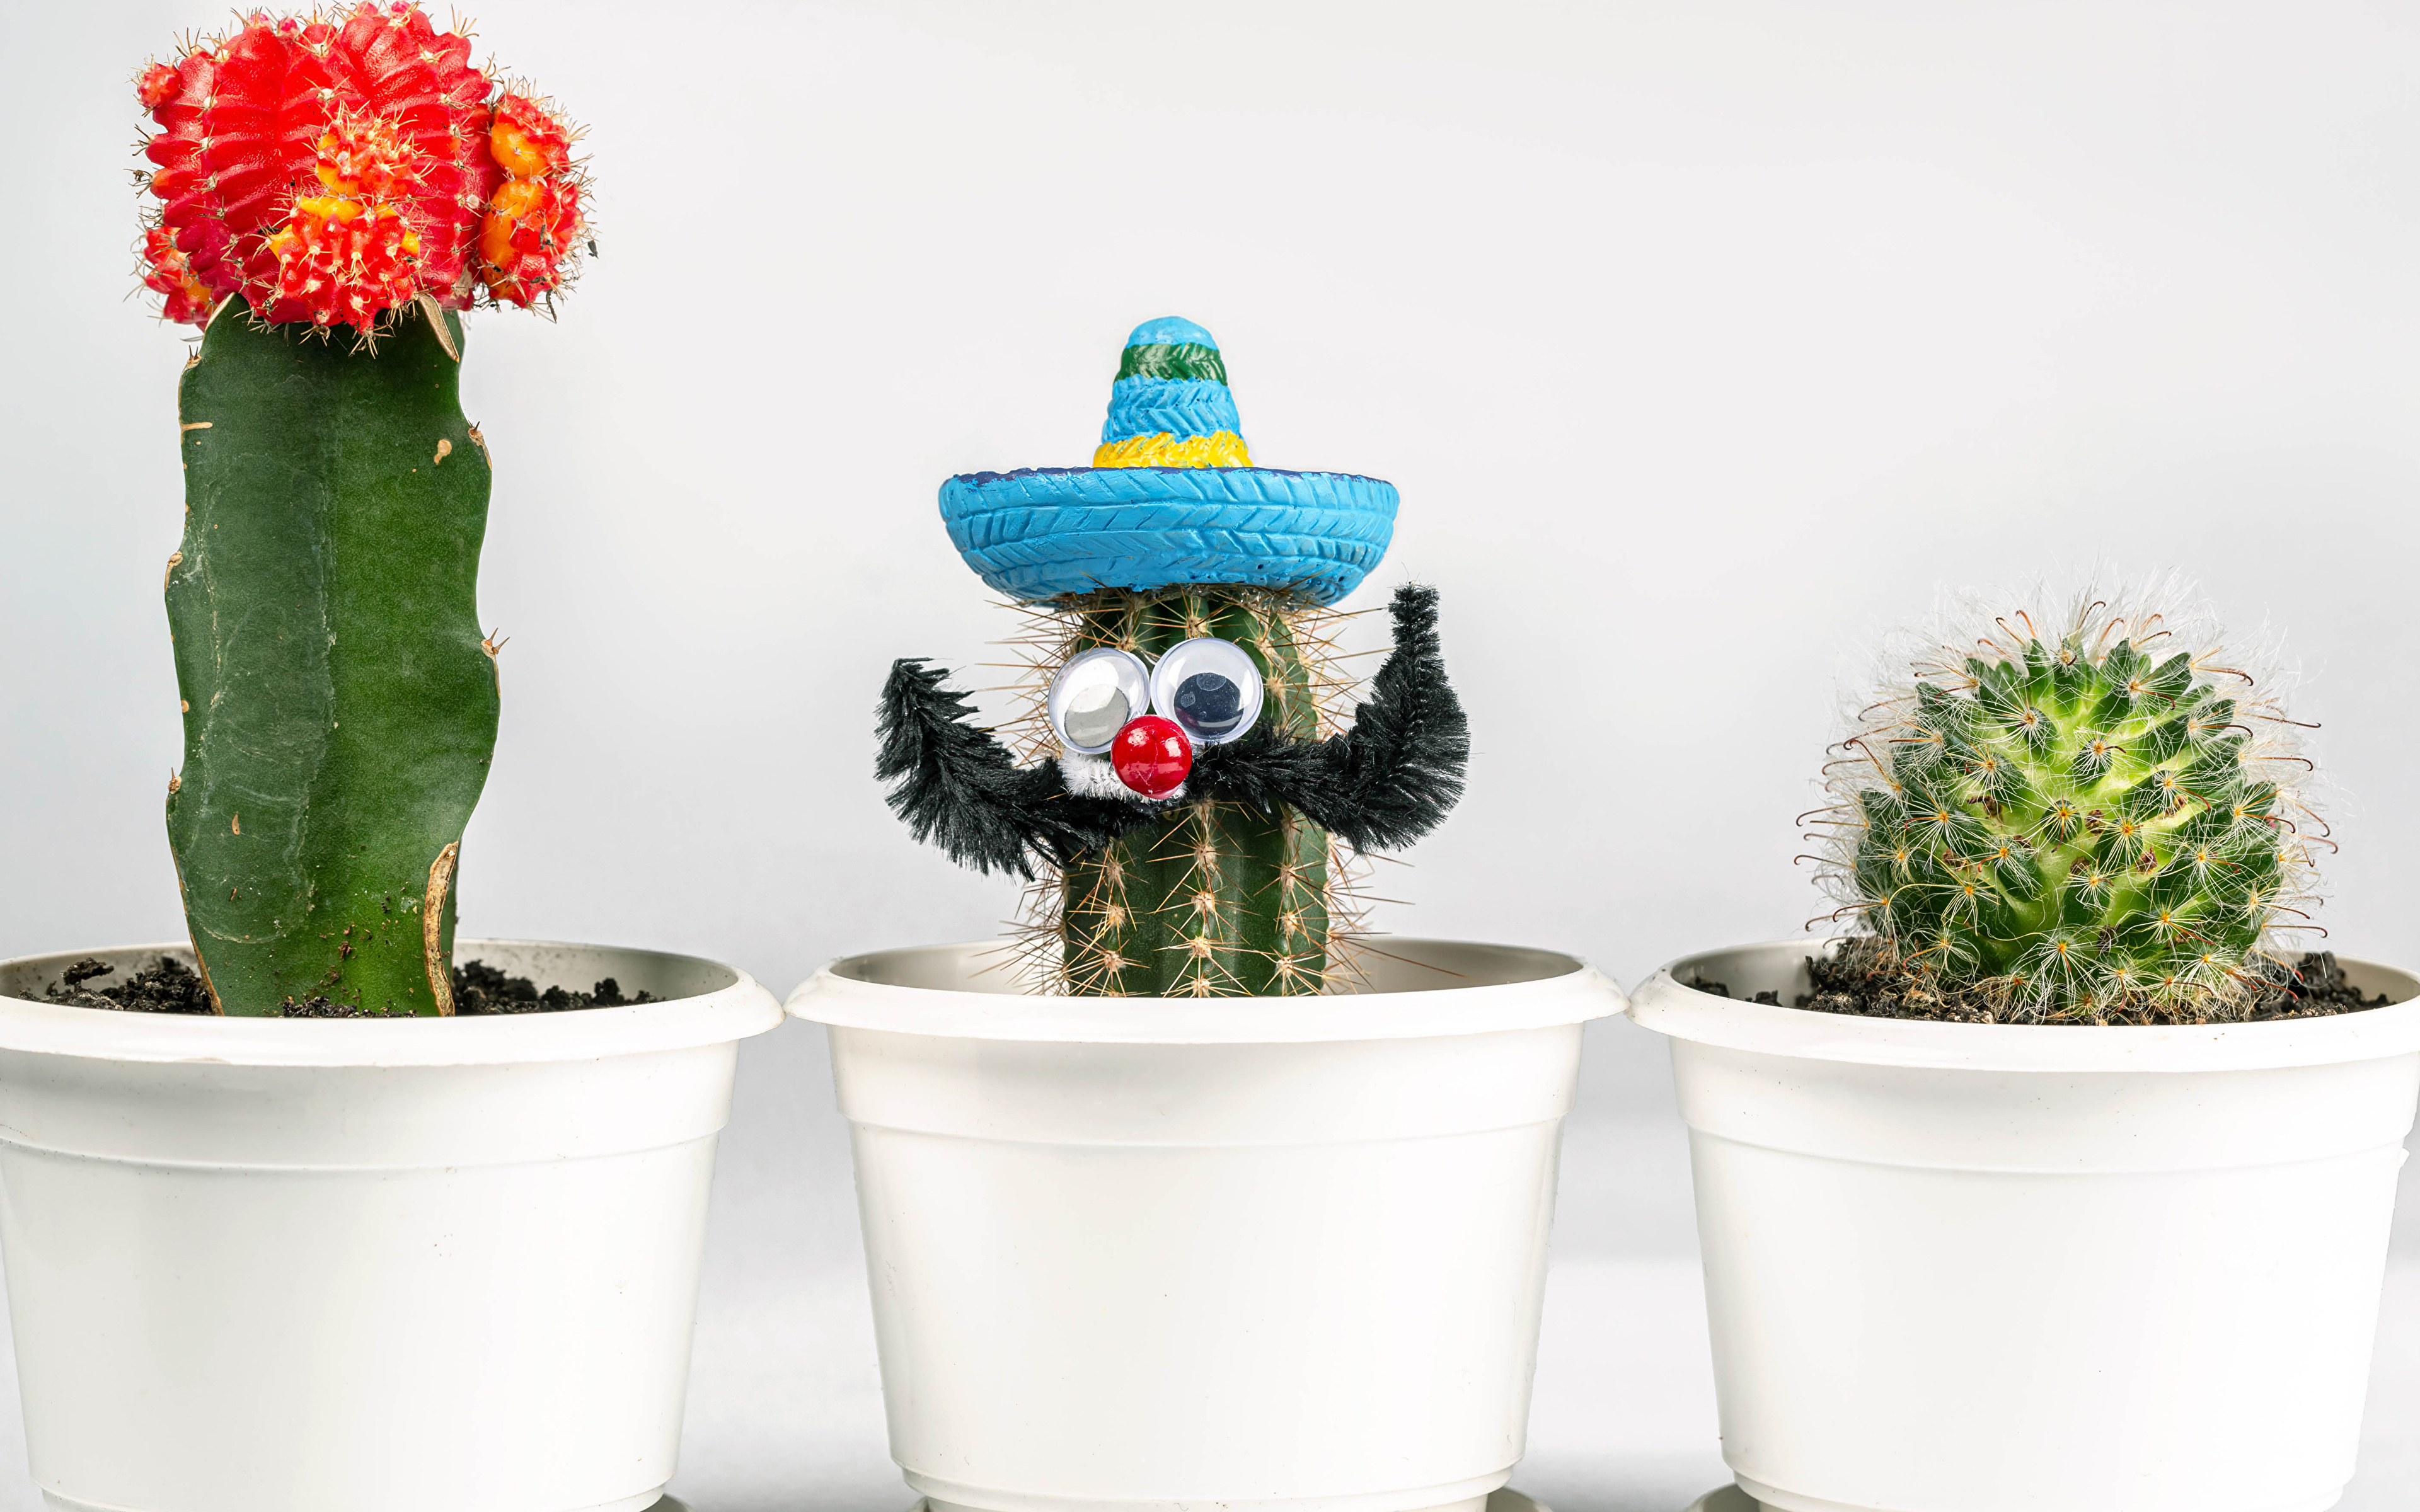 Фотографии шляпы Цветочный горшок Цветы оригинальные Трое 3 Кактусы Белый фон 3840x2400 Шляпа шляпе цветок Креатив креативные три втроем белом фоне белым фоном